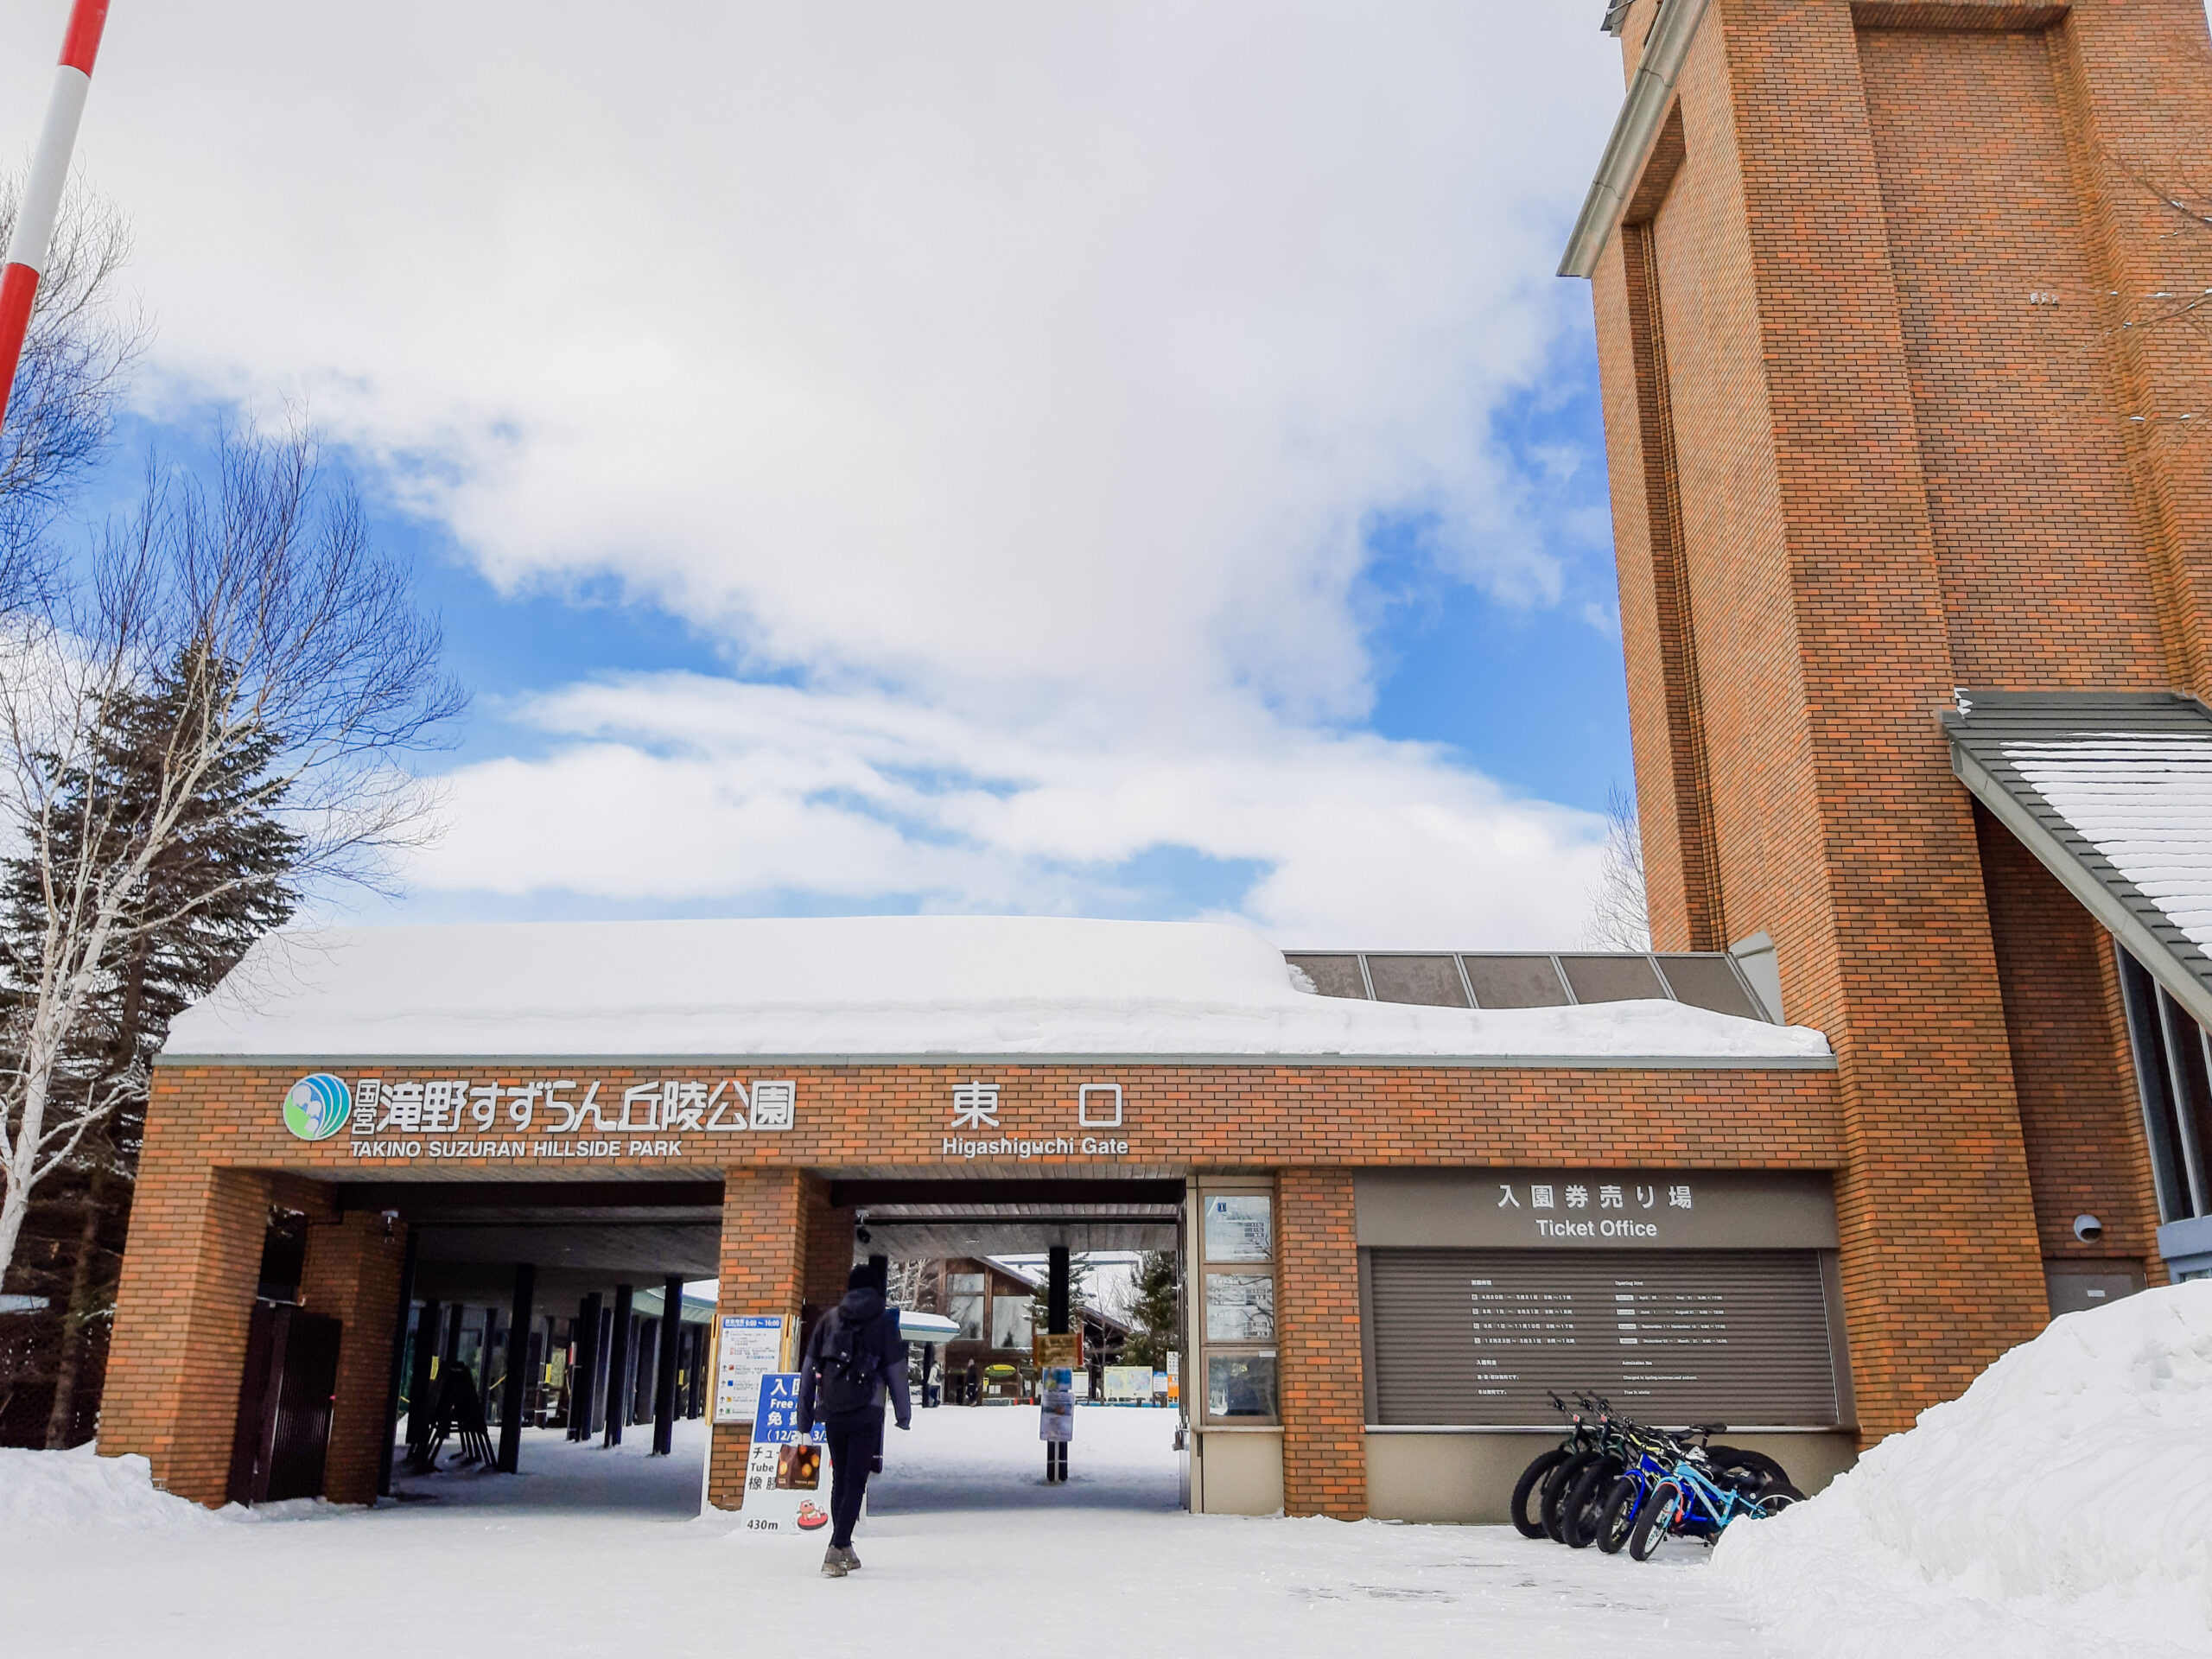 2019北海道(8)-自助遊x北海道滑雪x瀧野玲蘭丘陵公園x新手、親子也適合